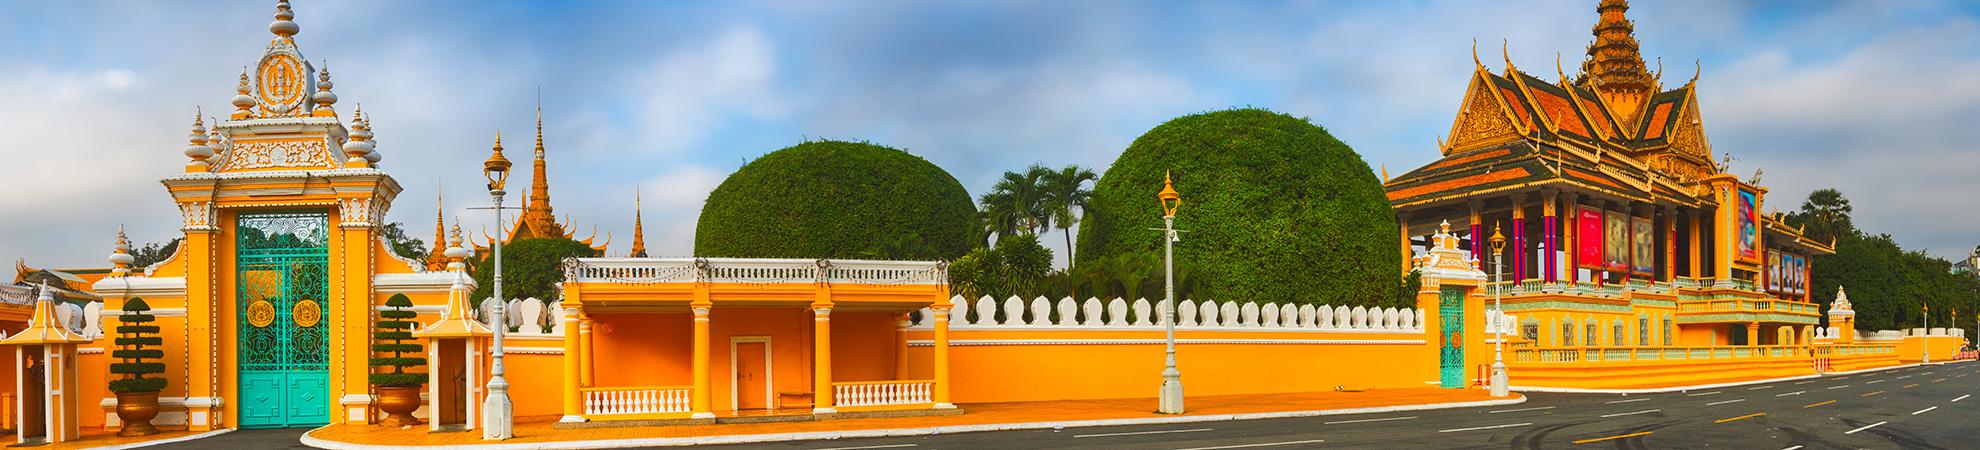 Vol Cambodge: comment faire un voyage à Phnom Penh ou Siem Reap en toute tranquillité ?